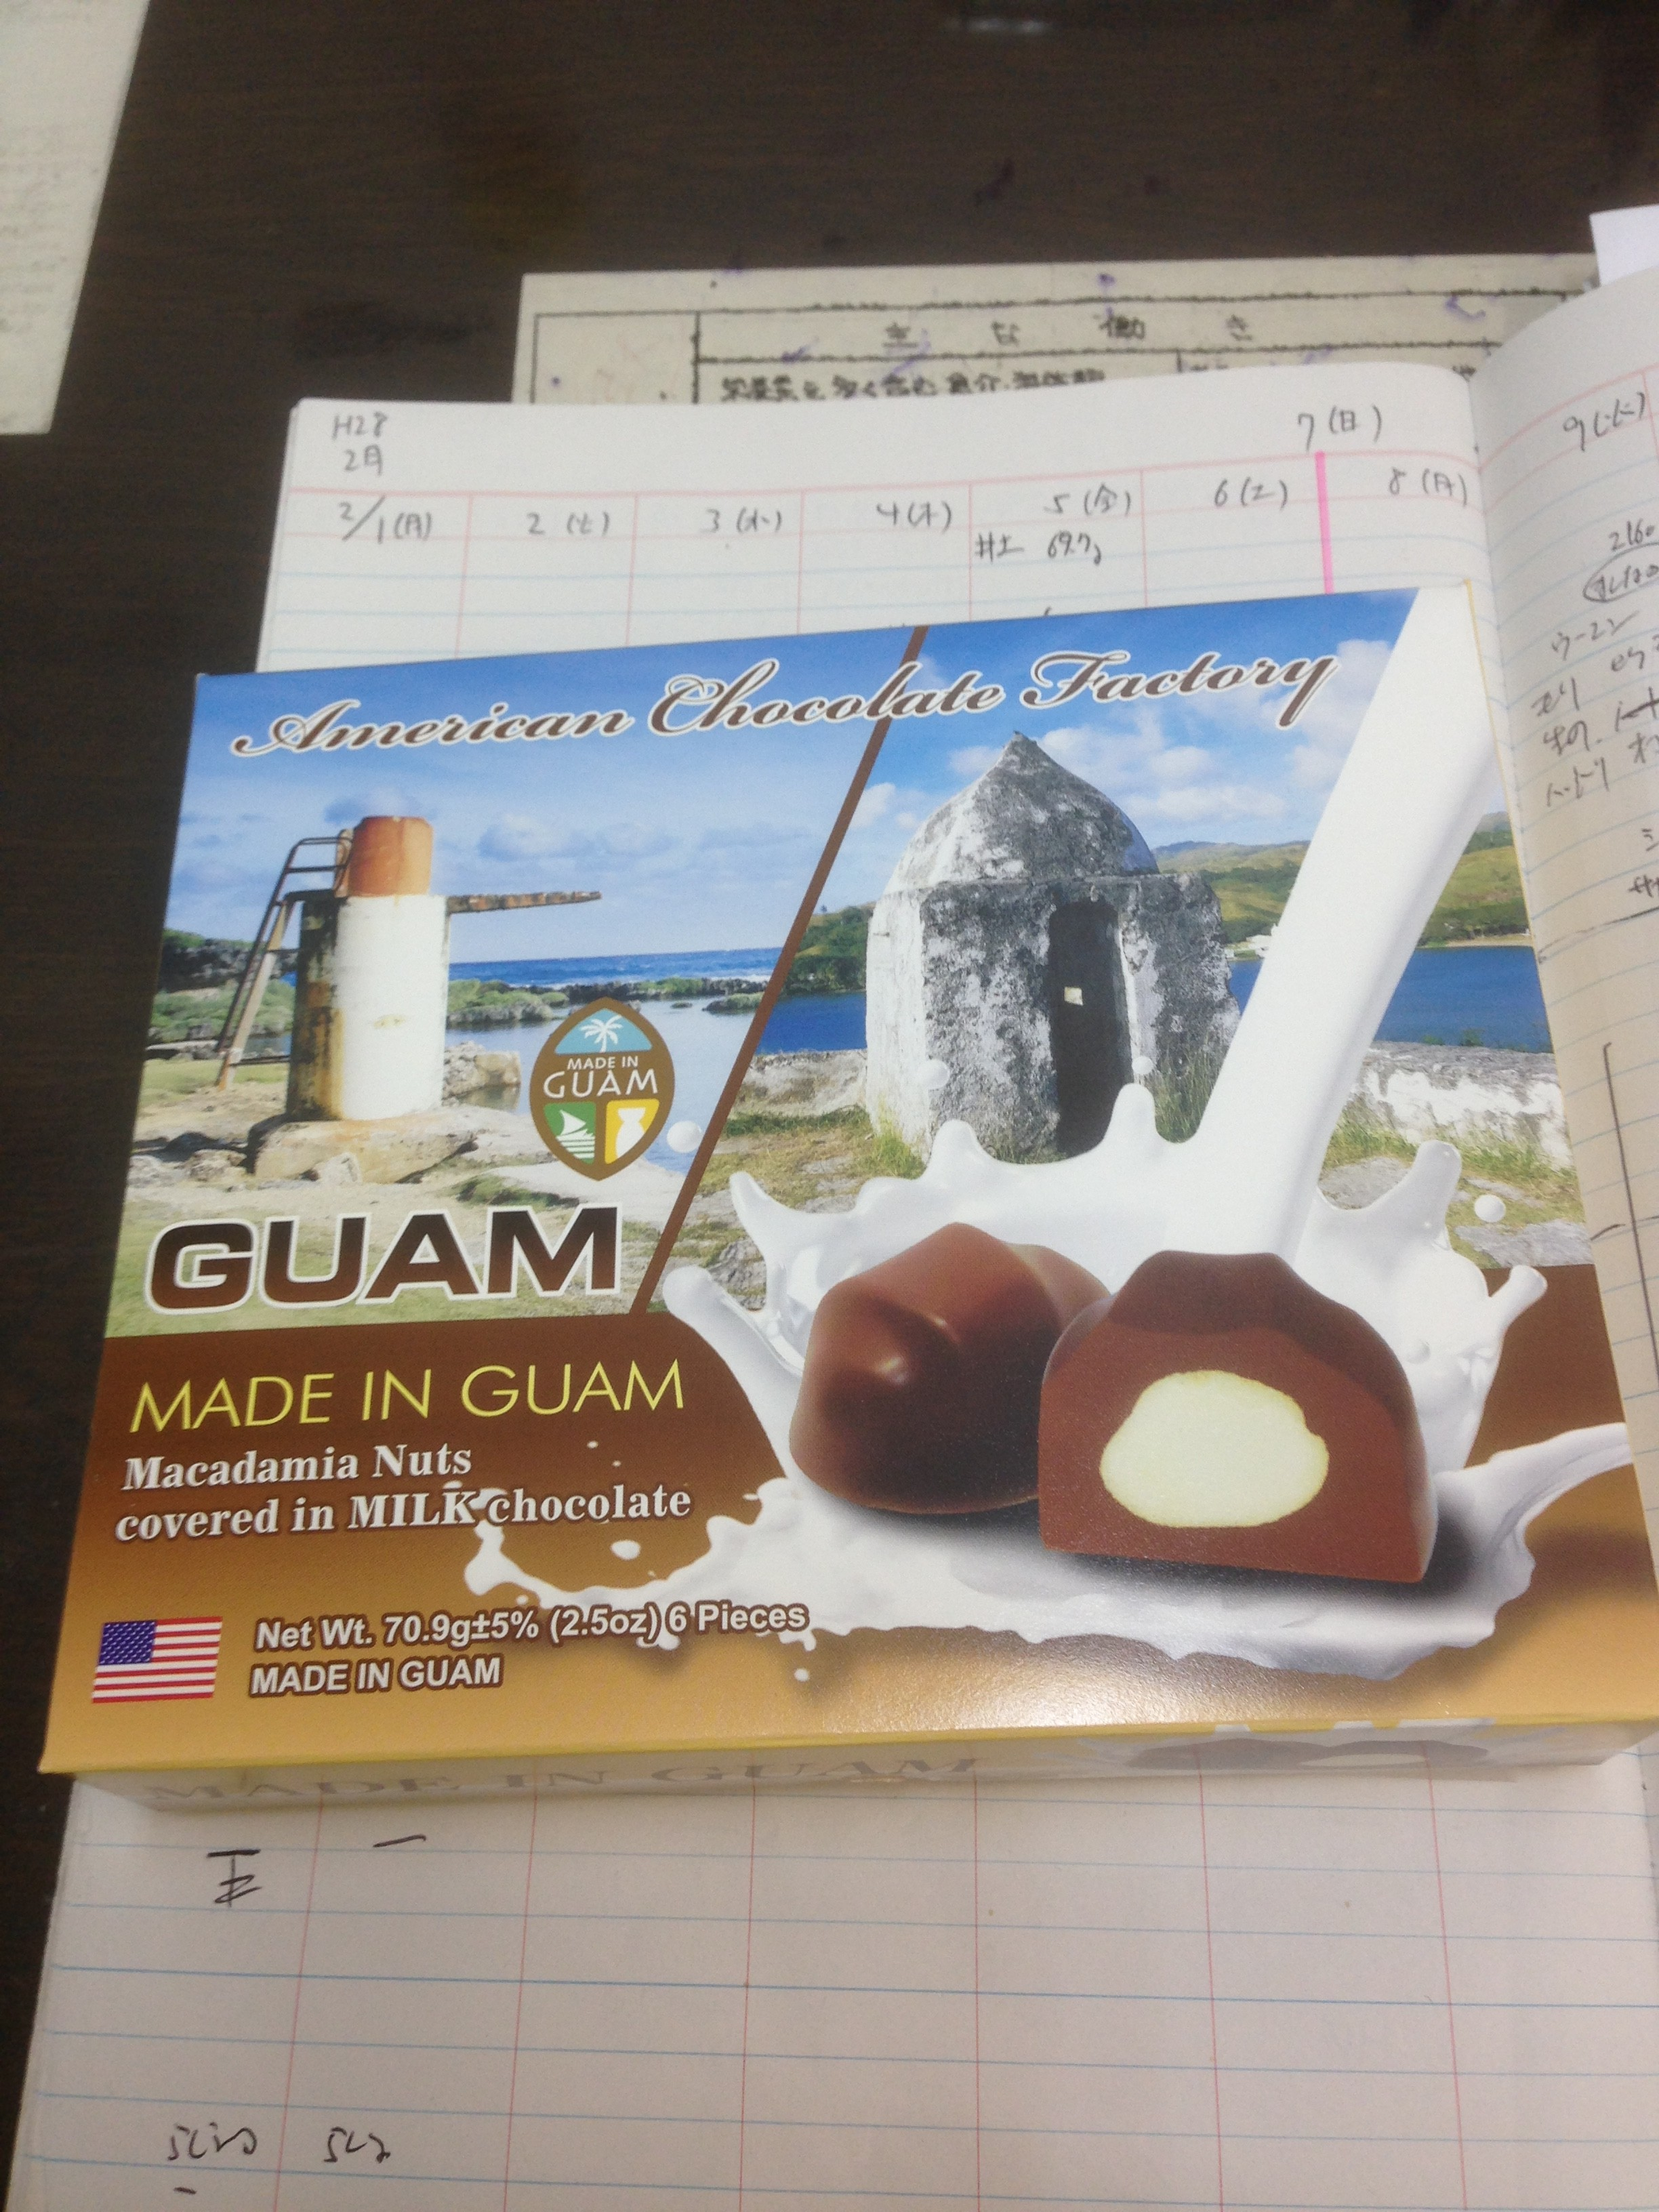 グァムのチョコとお饅頭頂きました。マカダミアチョコの一個のカロリーは65kcal。